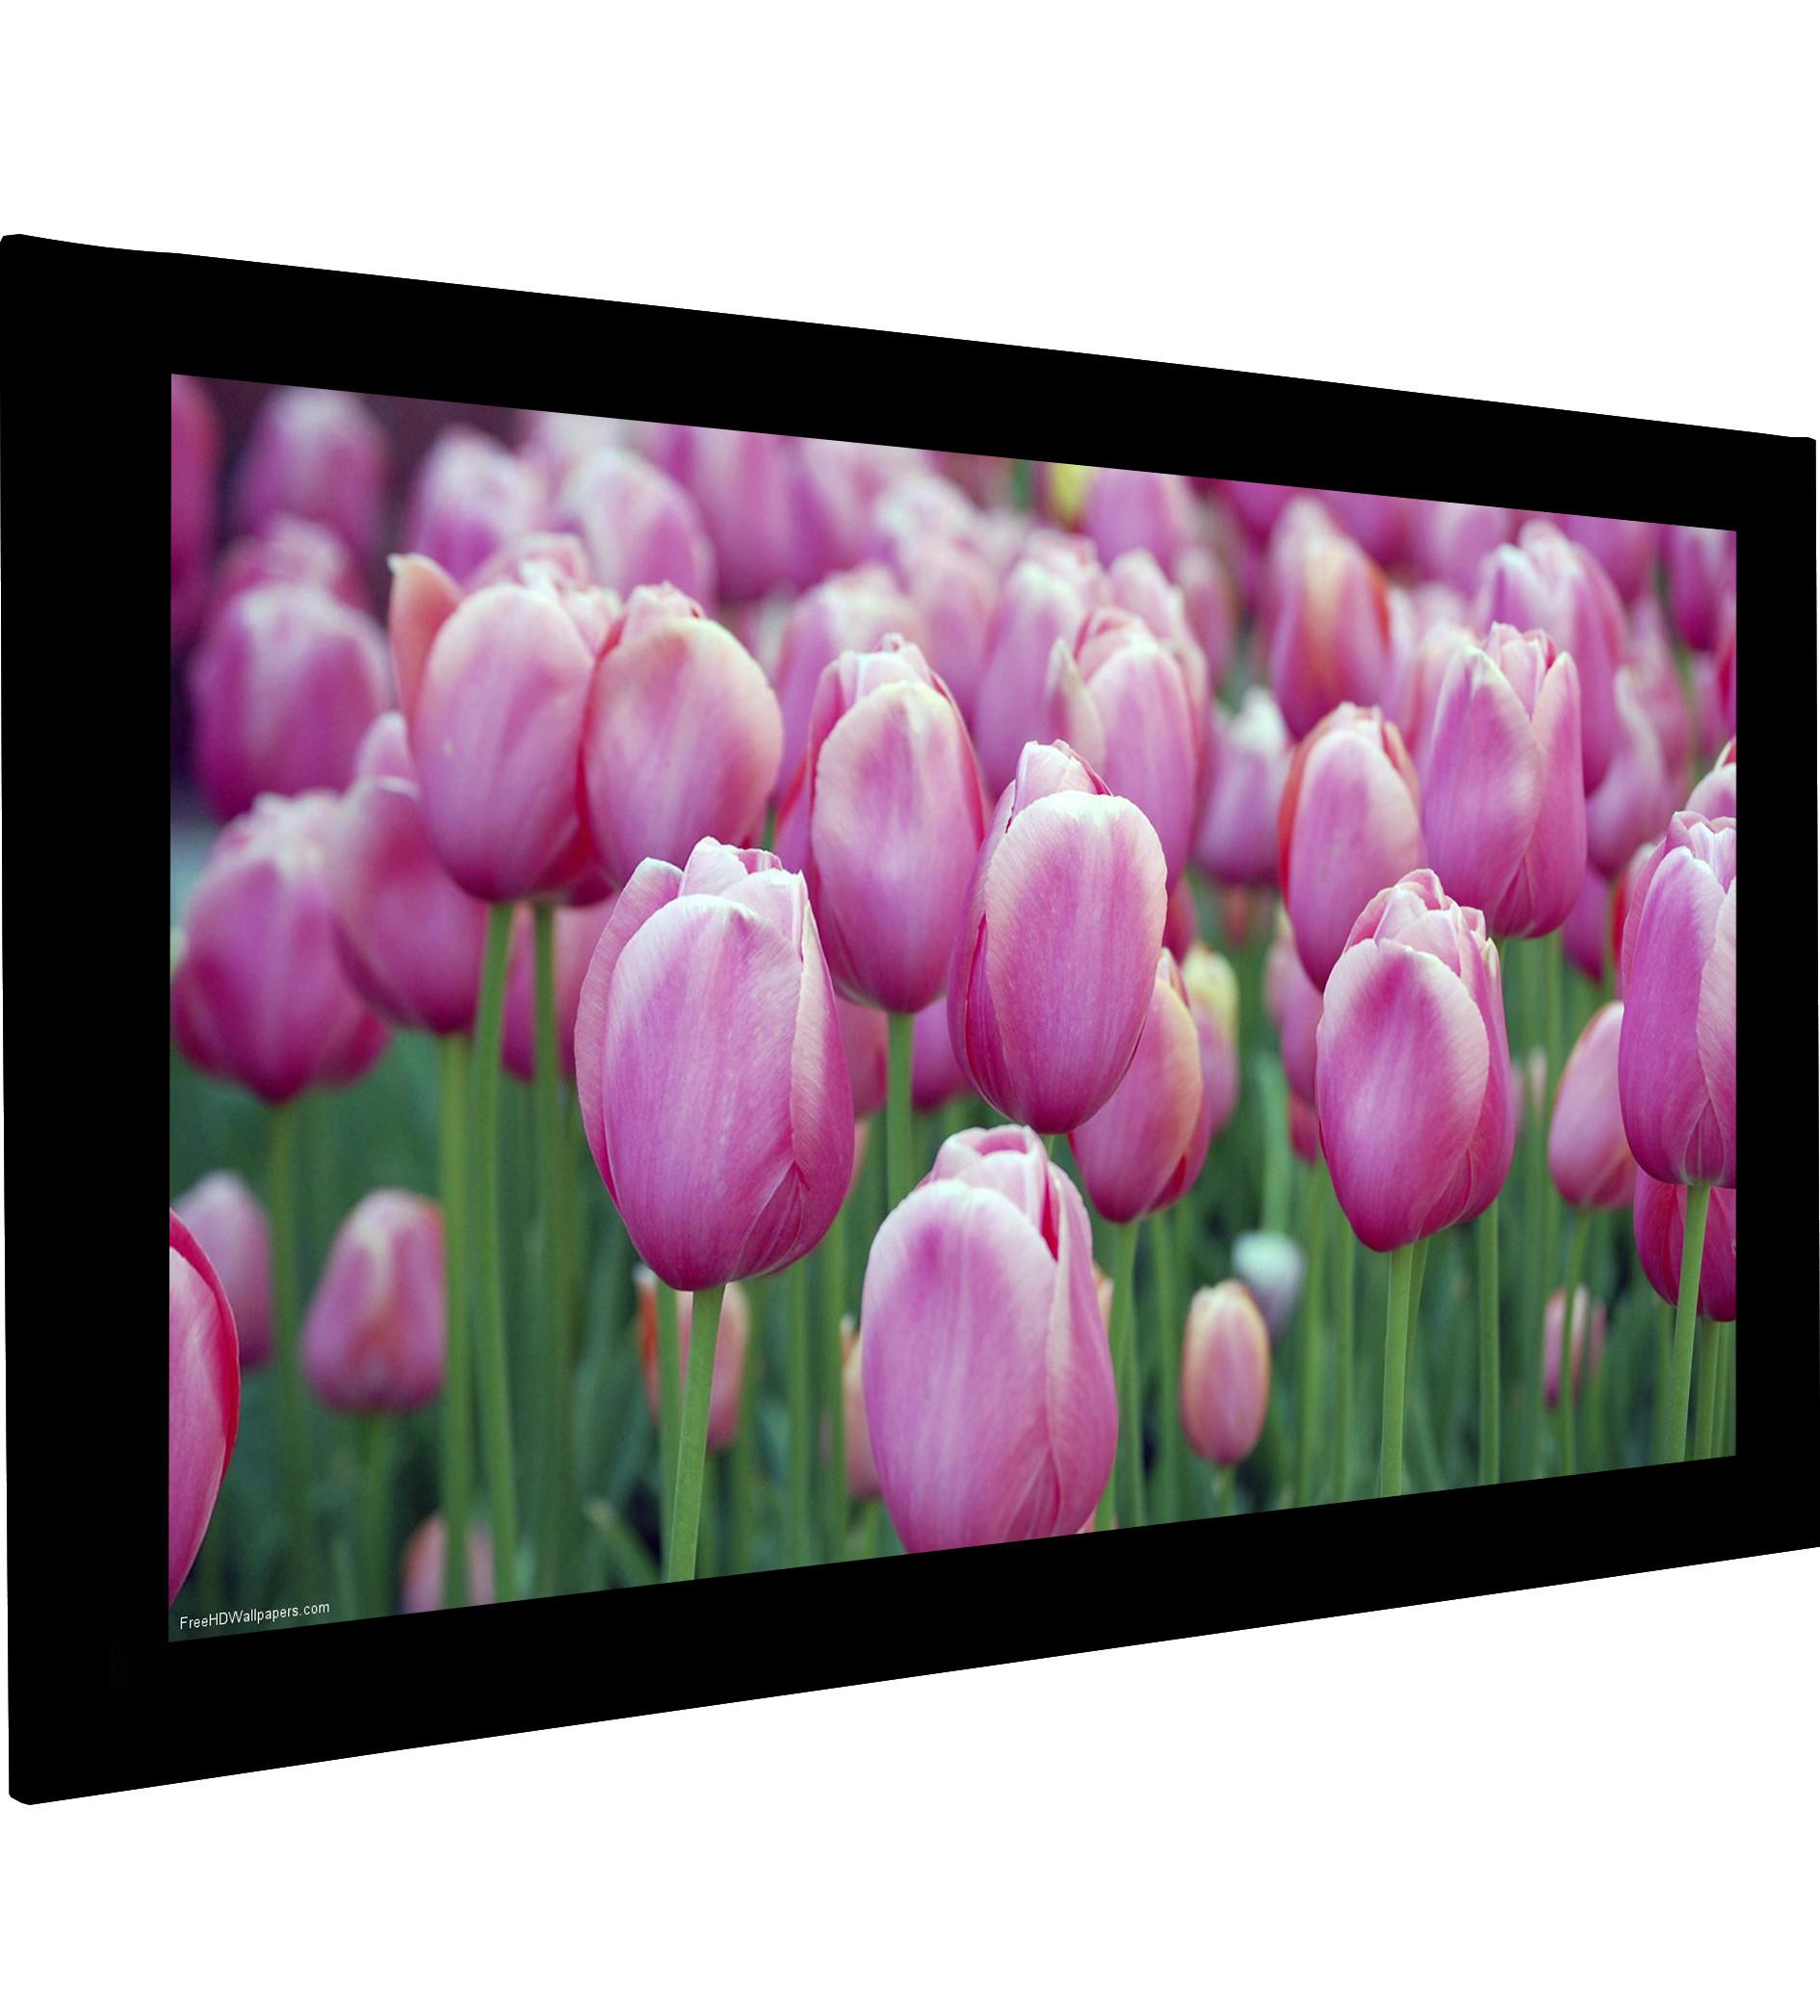 Frame Vision VS400-W